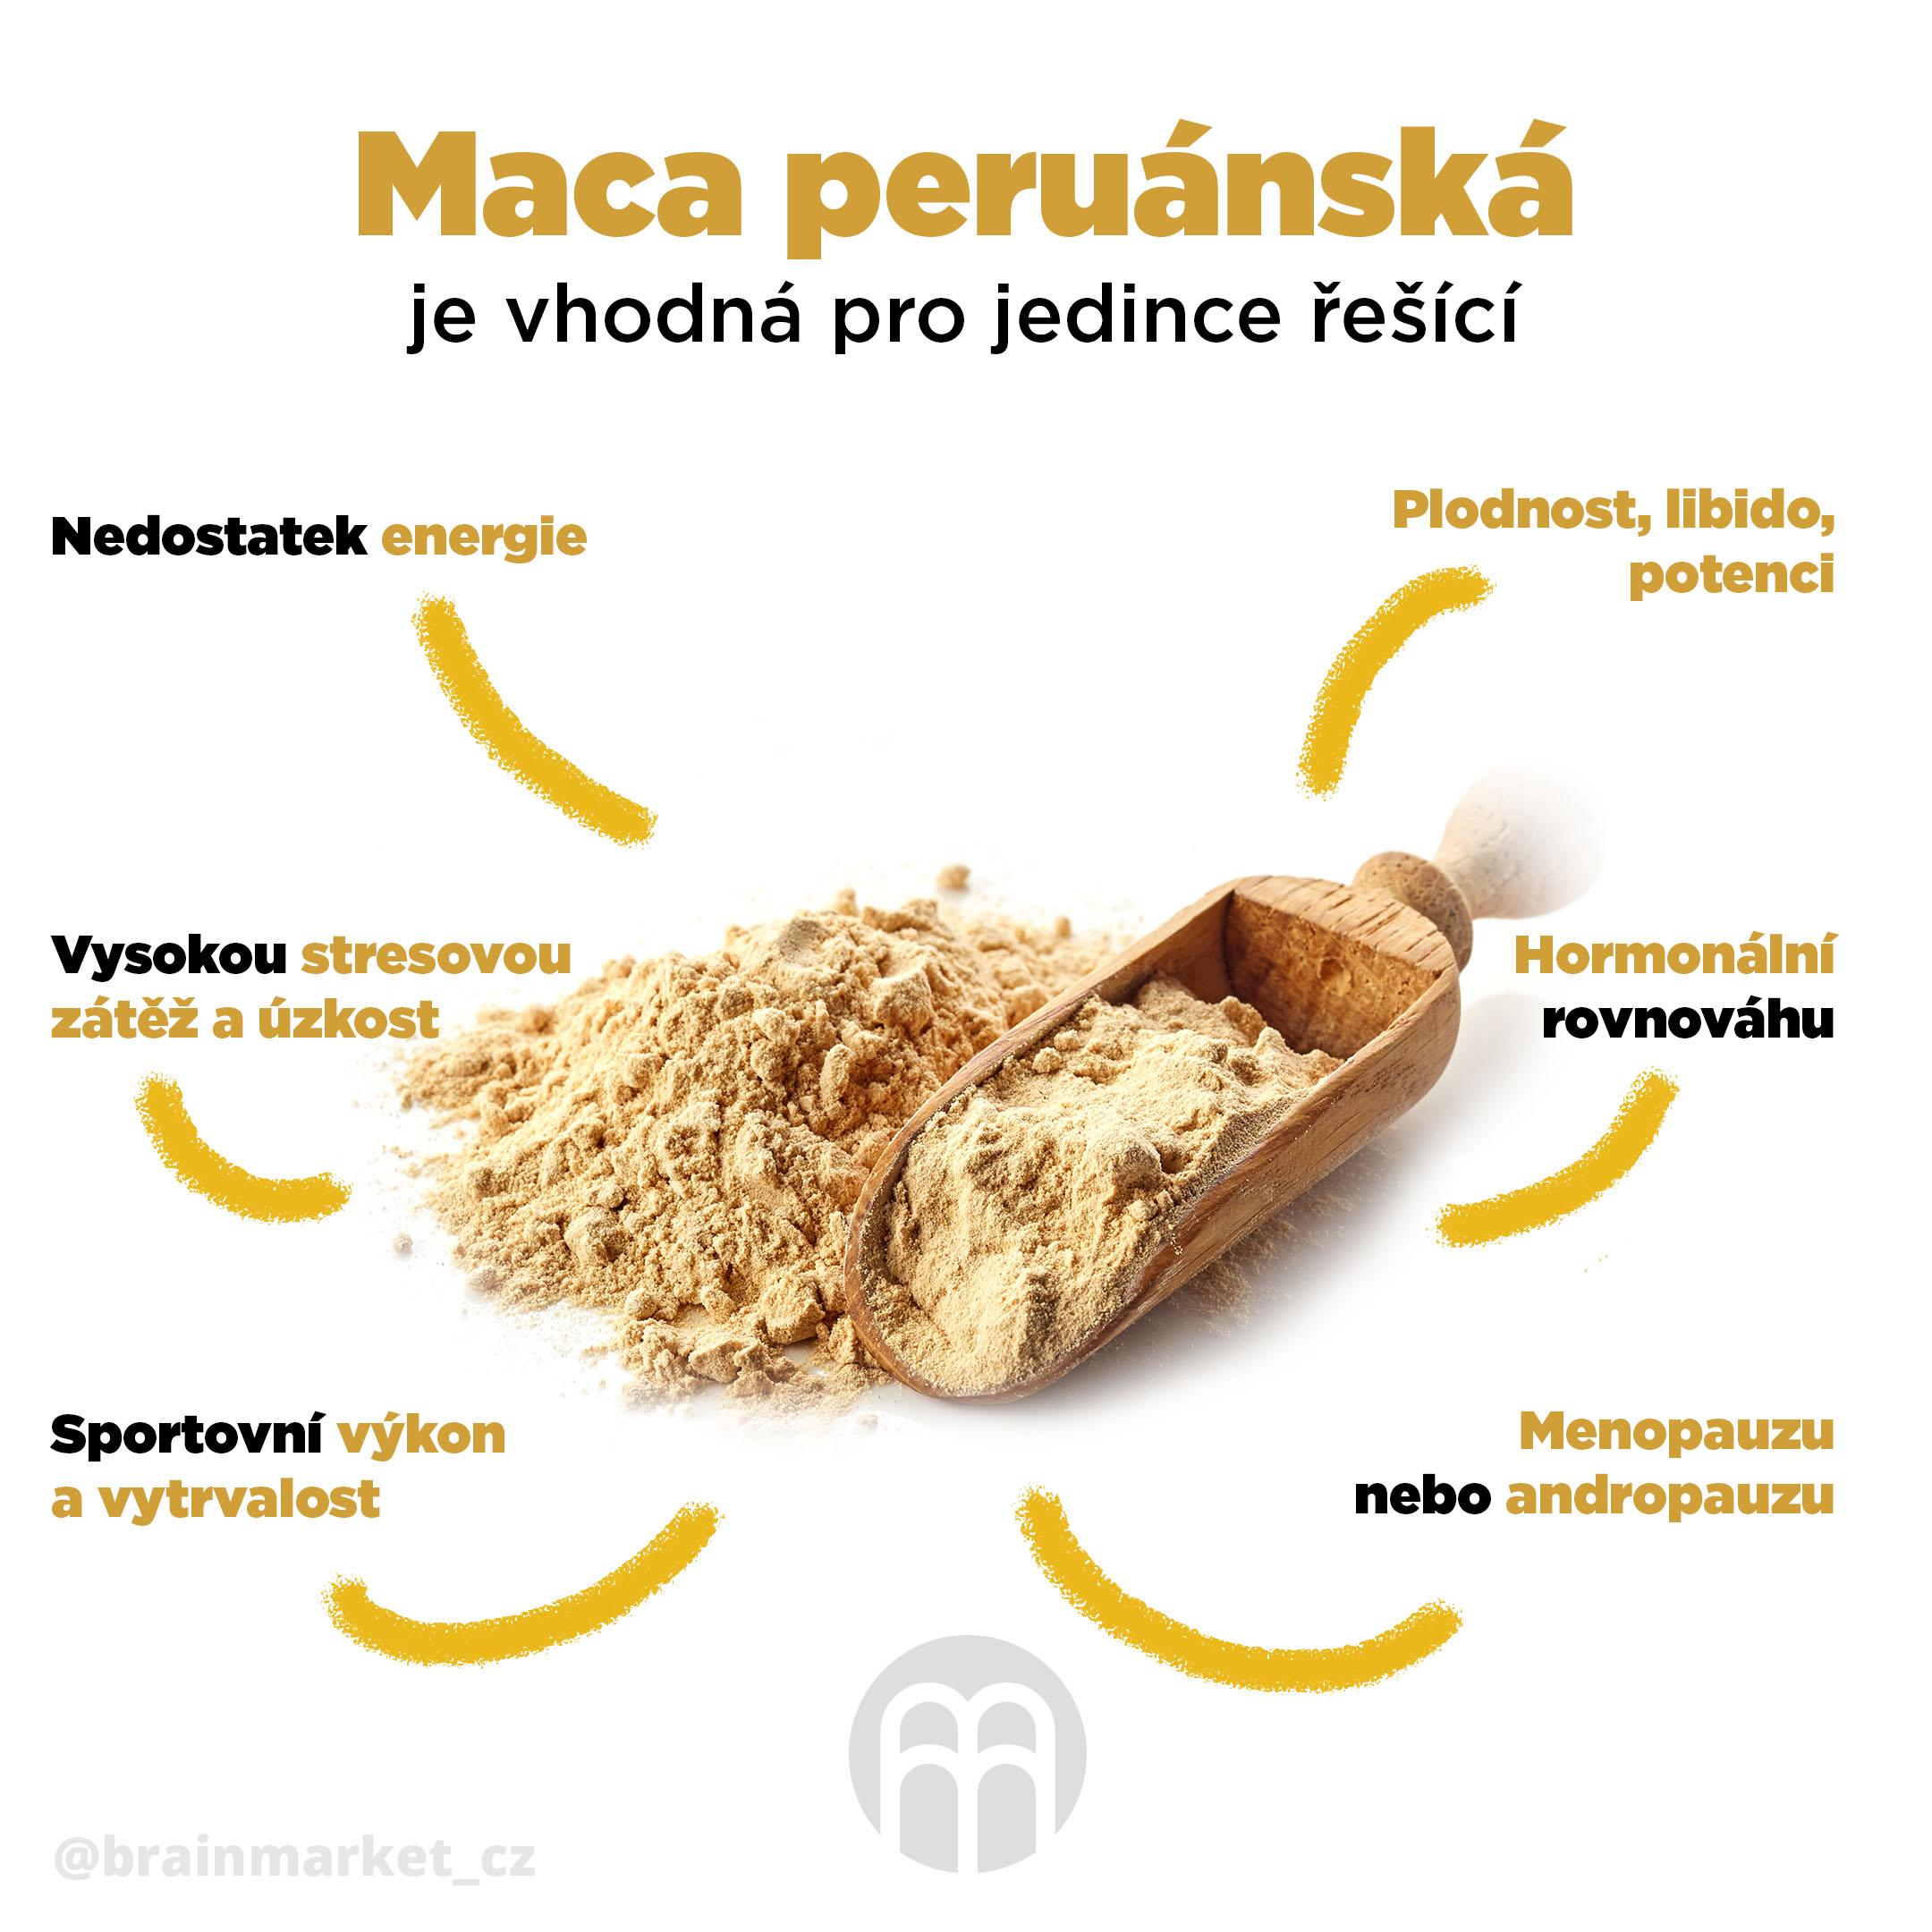 maca-peruanska-je-vhodna-pro-jedince-resici-infografika-brainmarket-cz